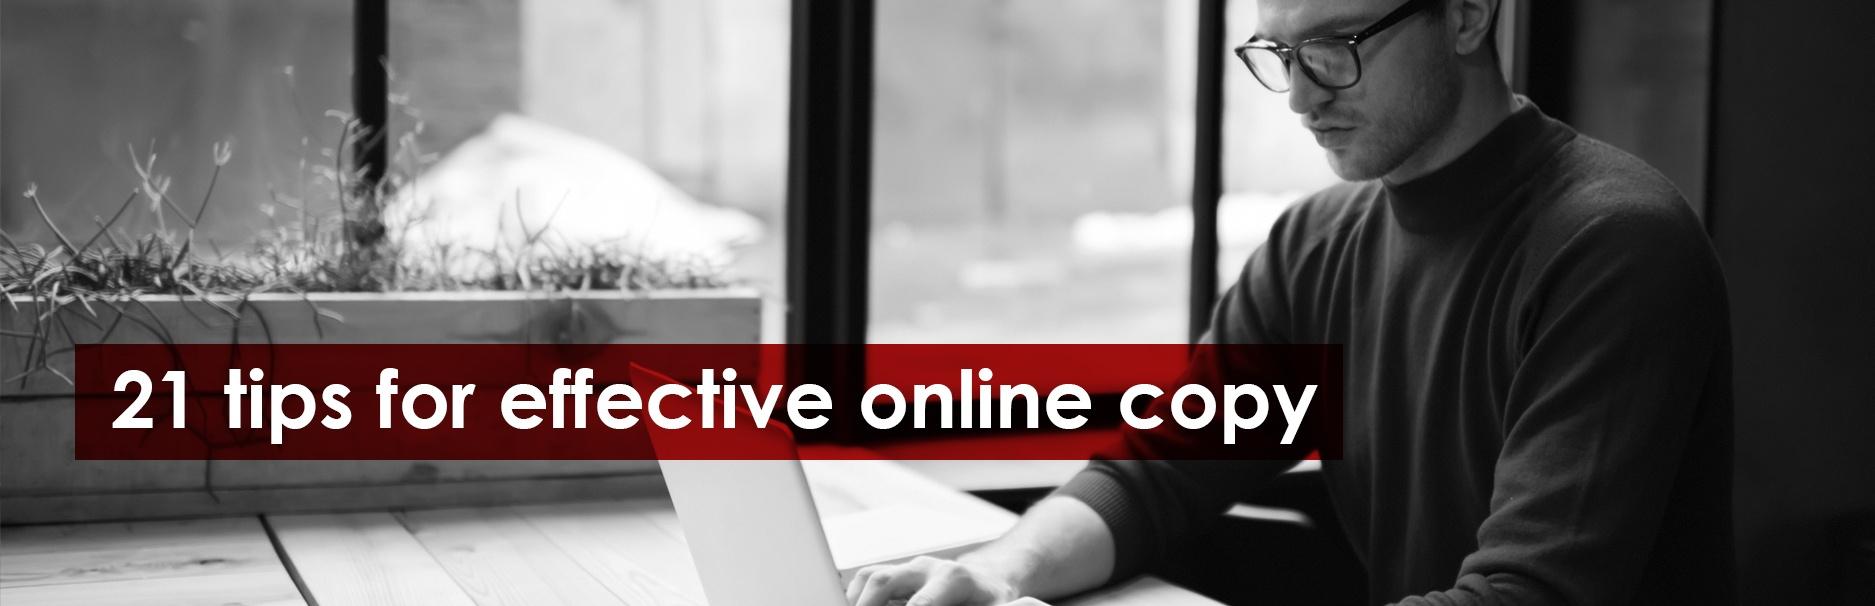 21 tips for an effective online copywriter.jpg